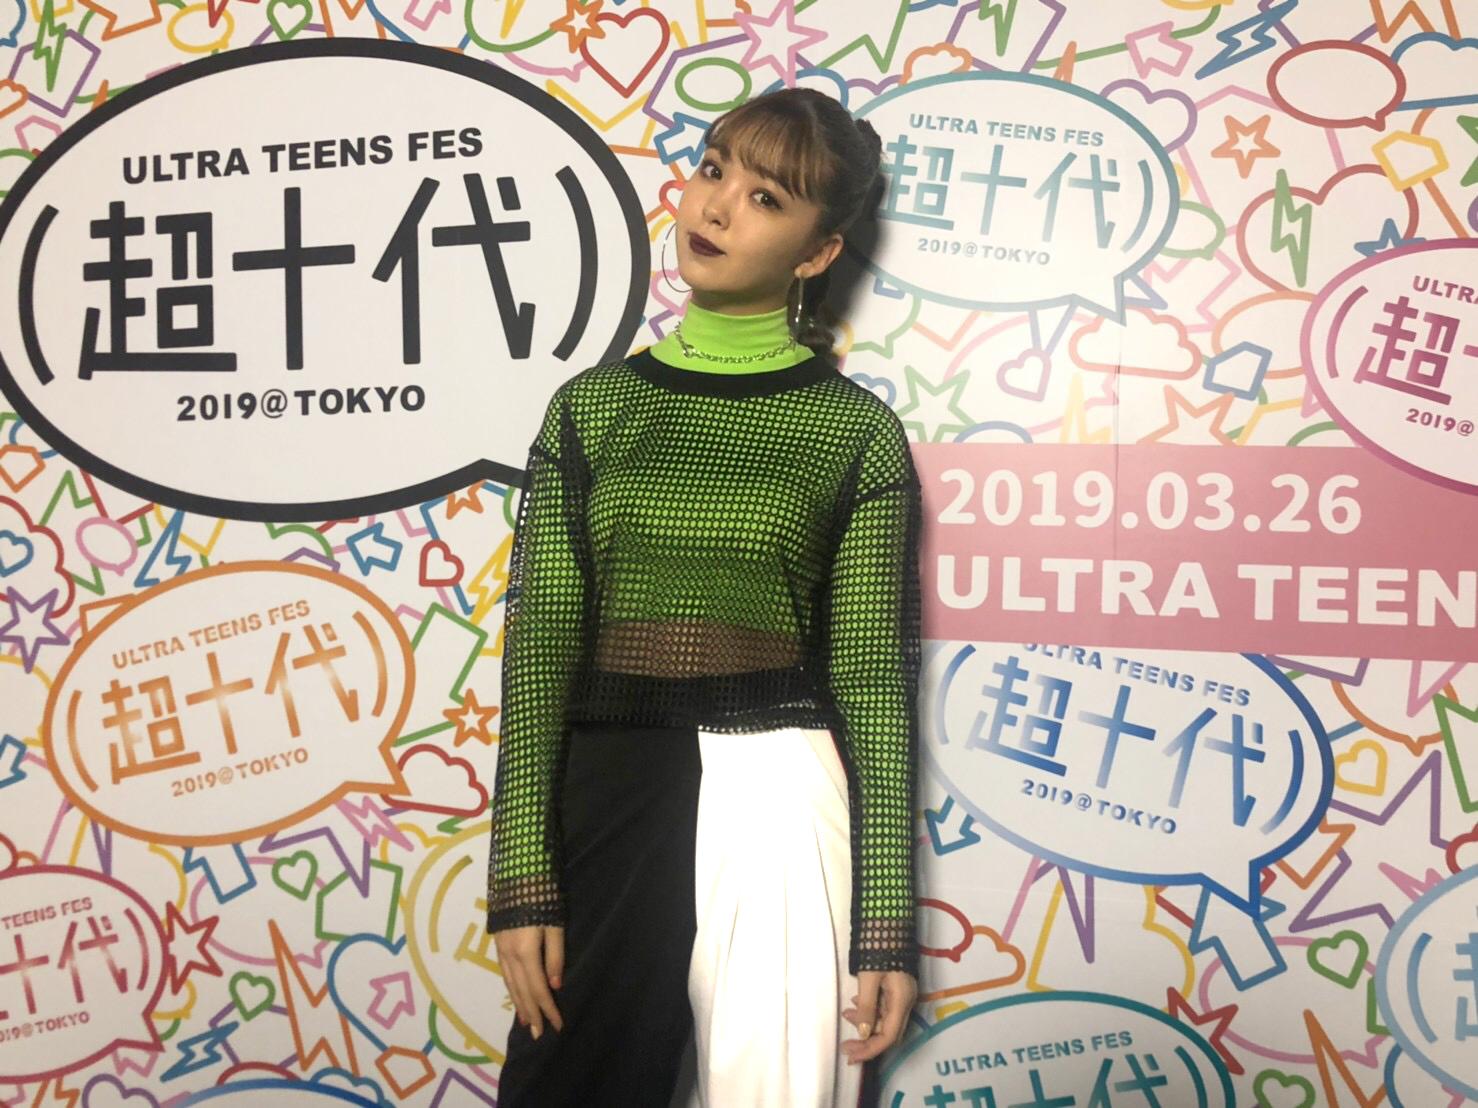 【超十代フェス2019】10代の憧れ♡超多忙のカリスマモデル・藤田ニコルを直撃インタビュー